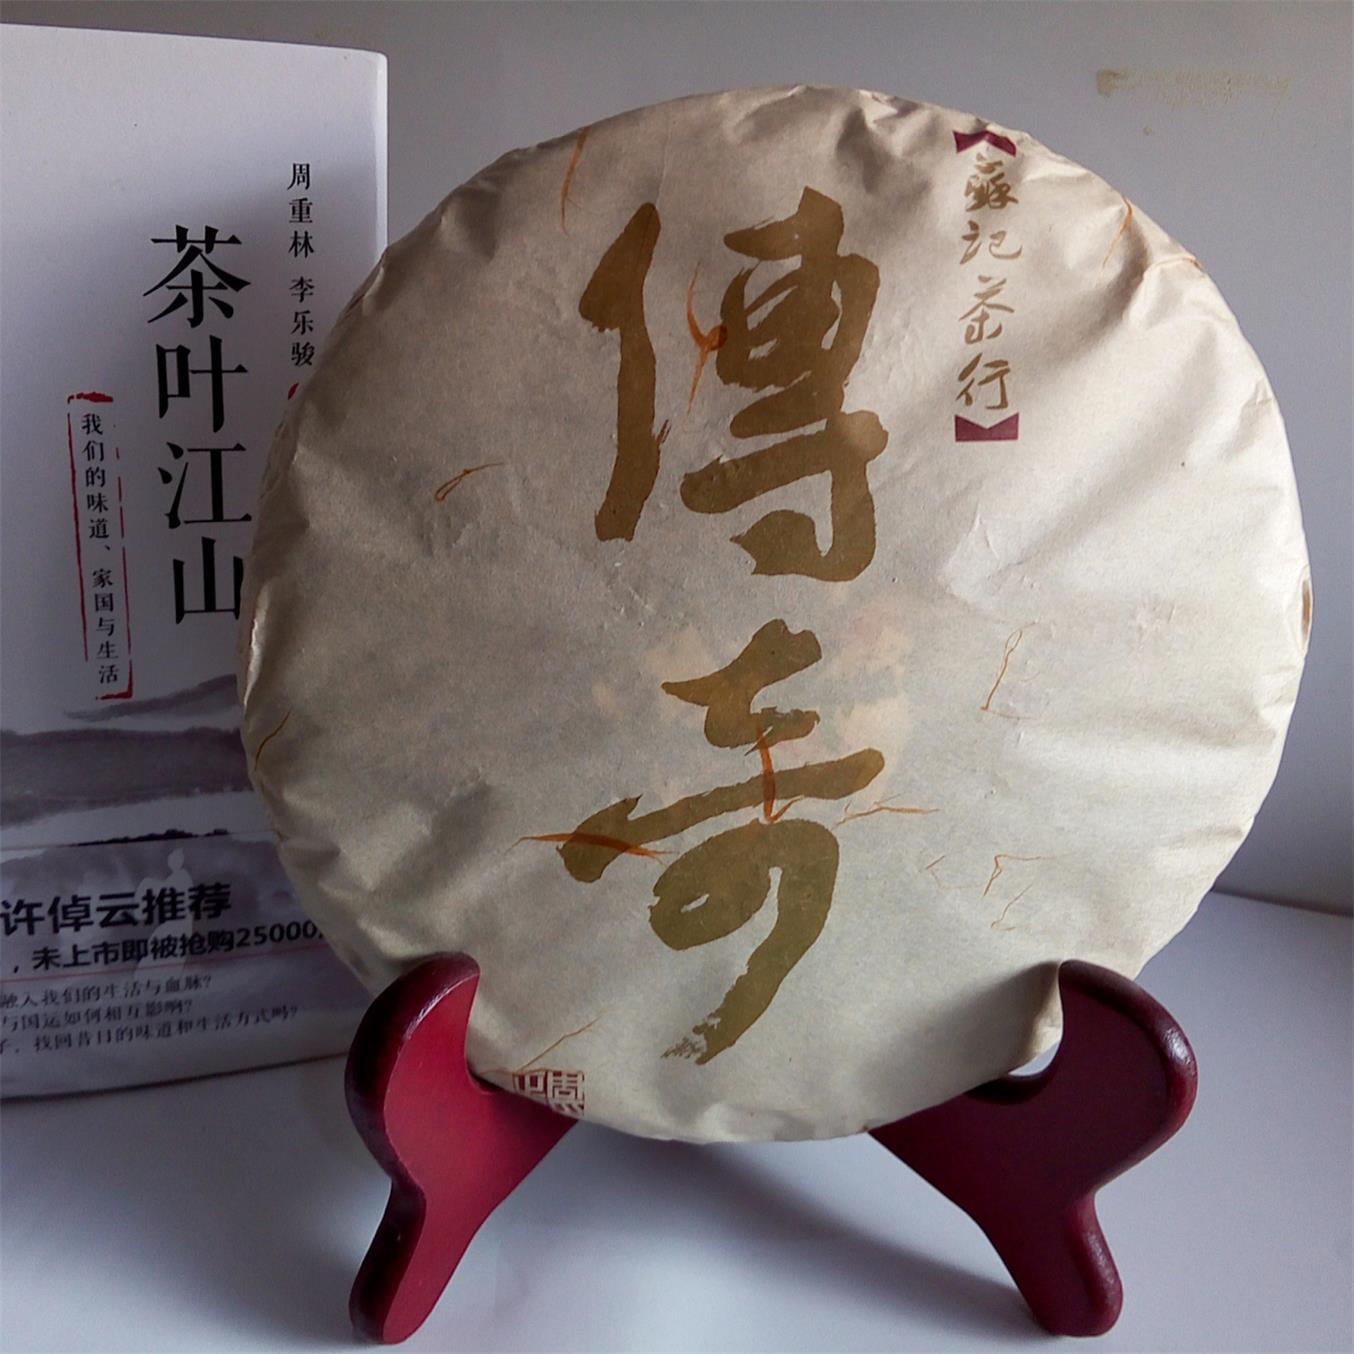 【德鸣堂造】《传奇》古树普洱茶生茶七子饼茶纯料 357g古德凤凰